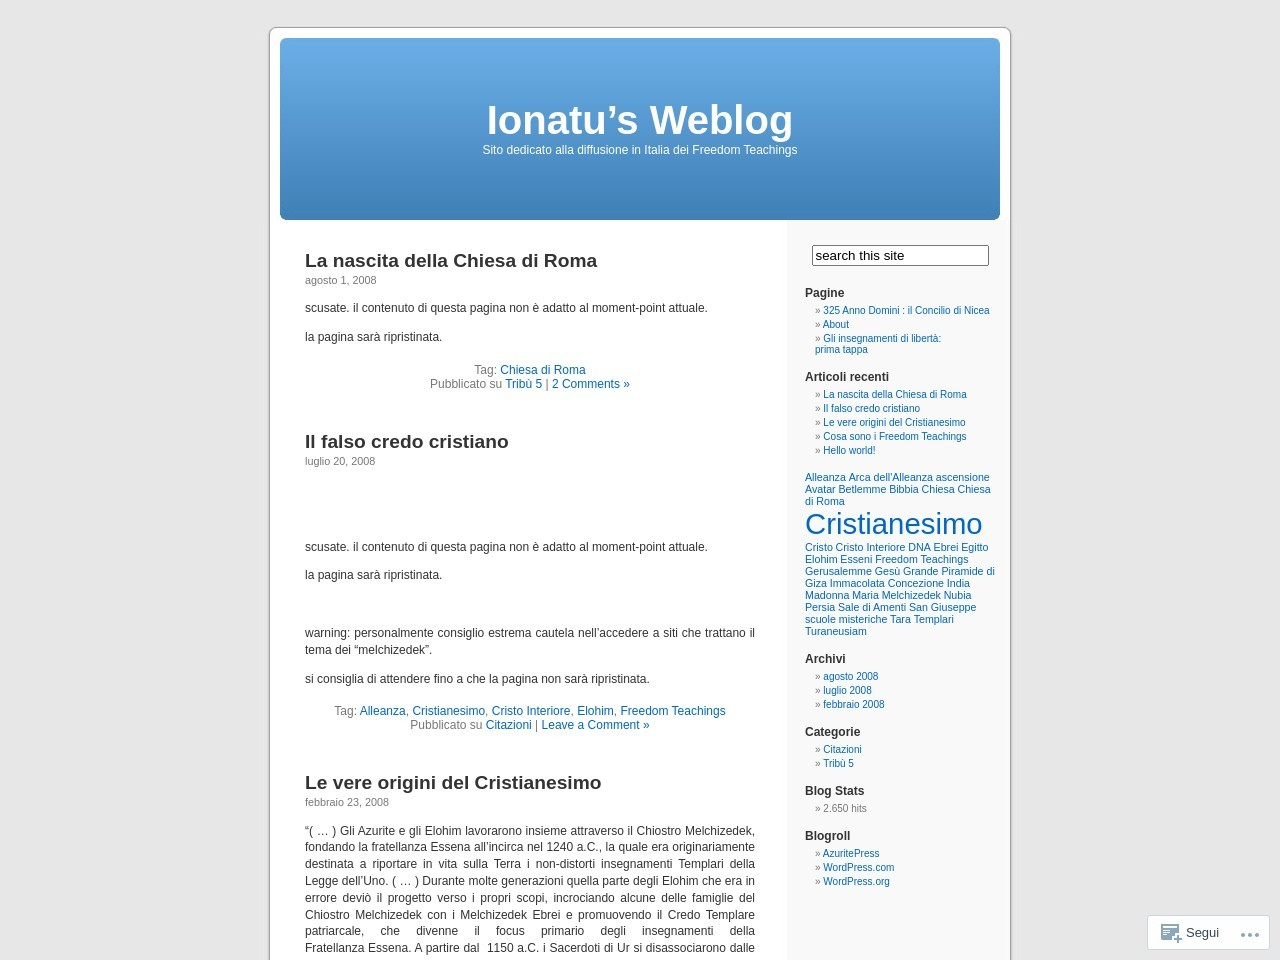 ionatus-weblog-sito-dedicato-alla-duffusione-dei-freedomteachings